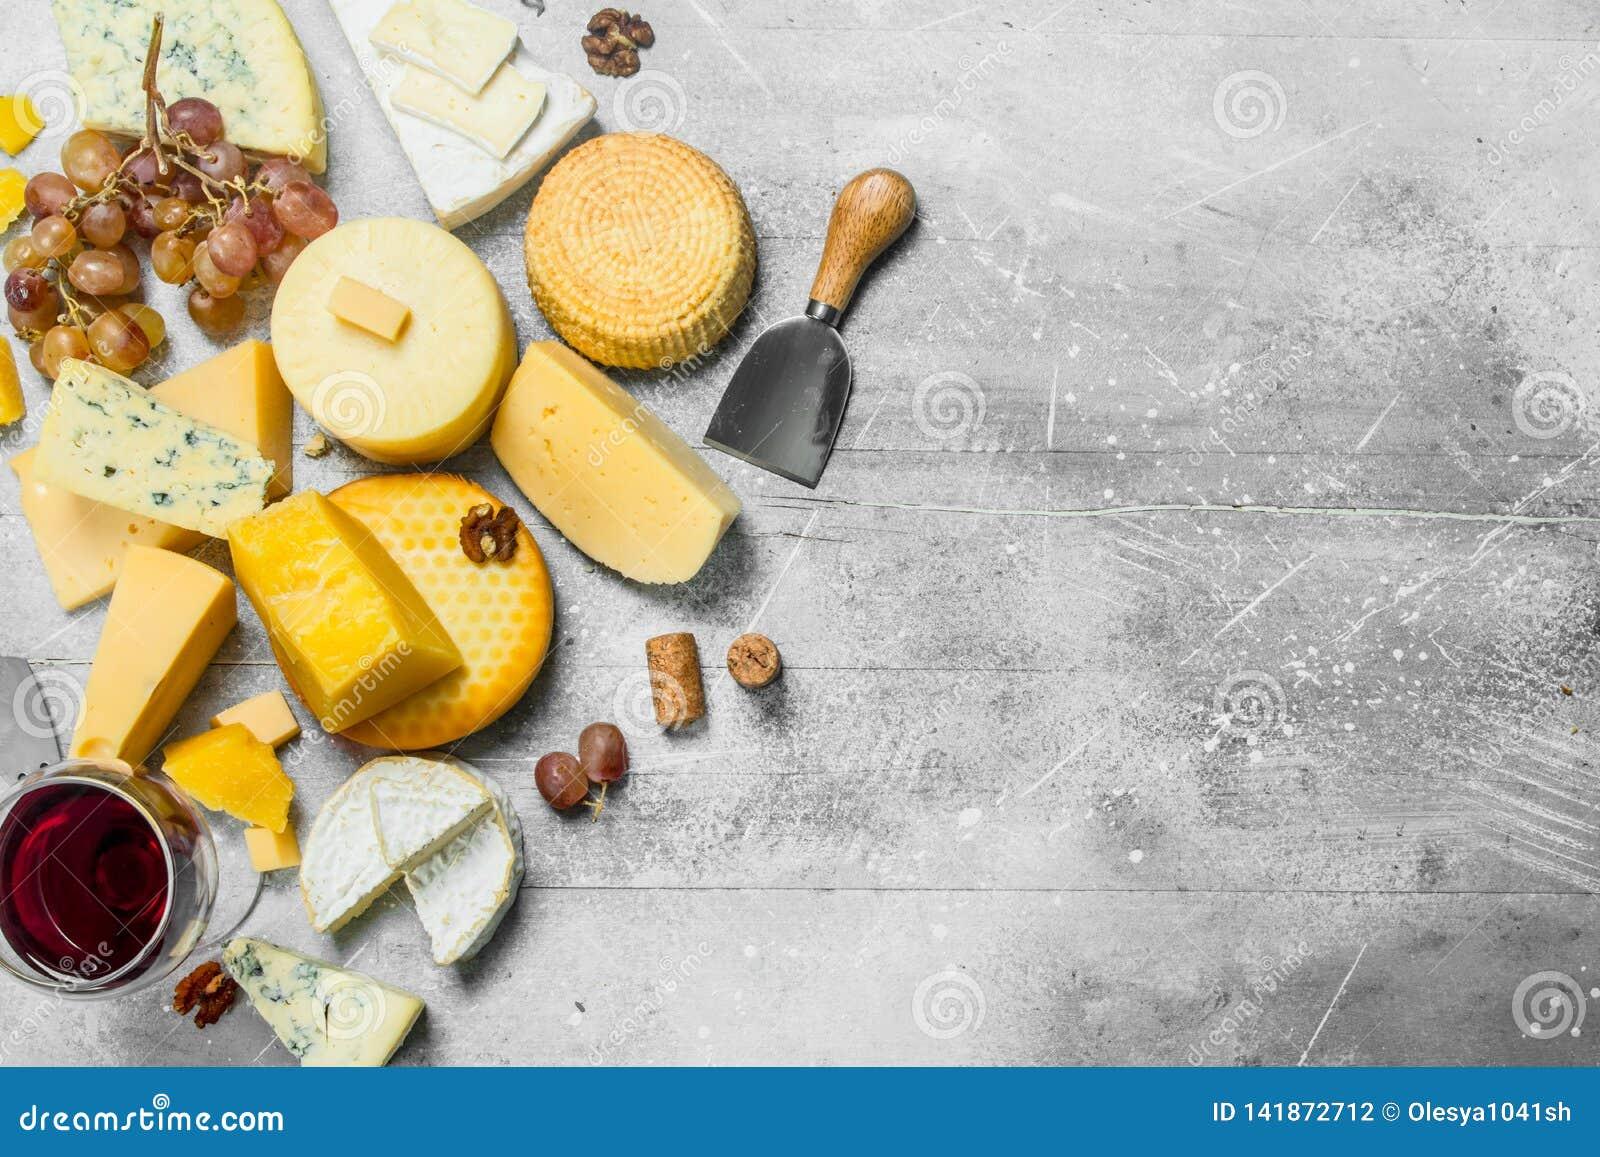 Différents types de fromage avec des raisins, des écrous et un verre de vin rouge